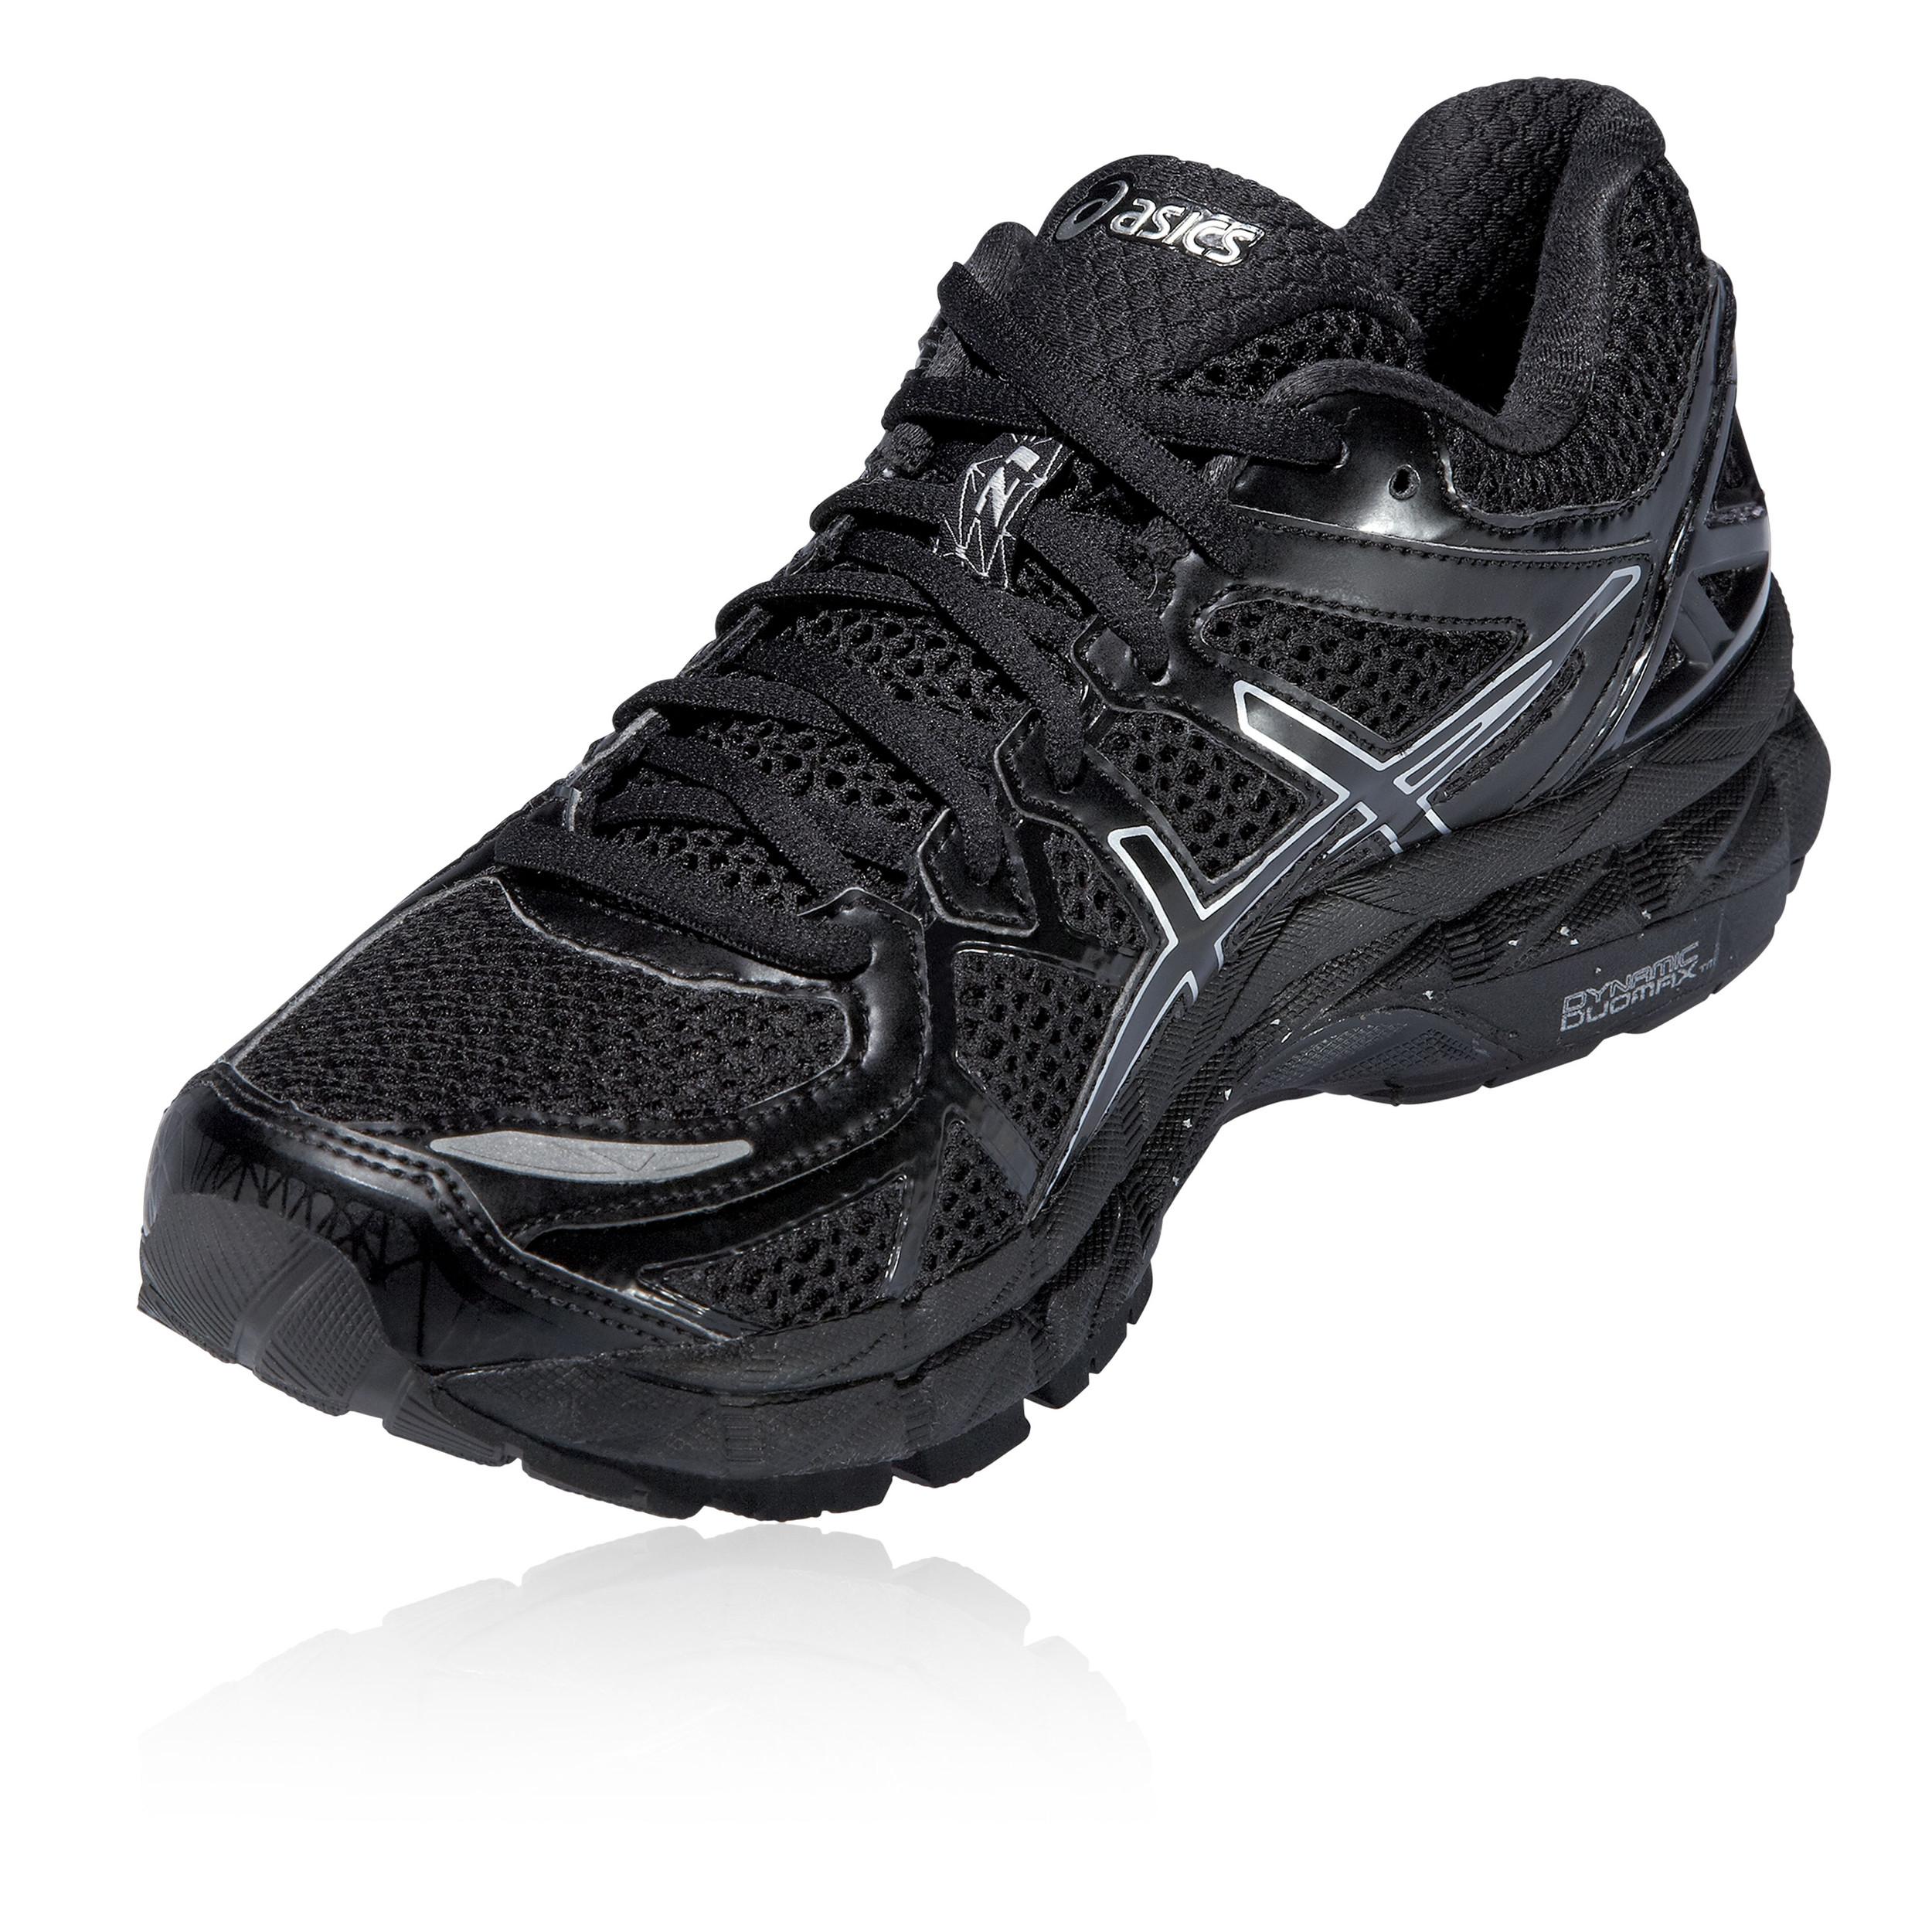 Best Asics Jogging Shoes